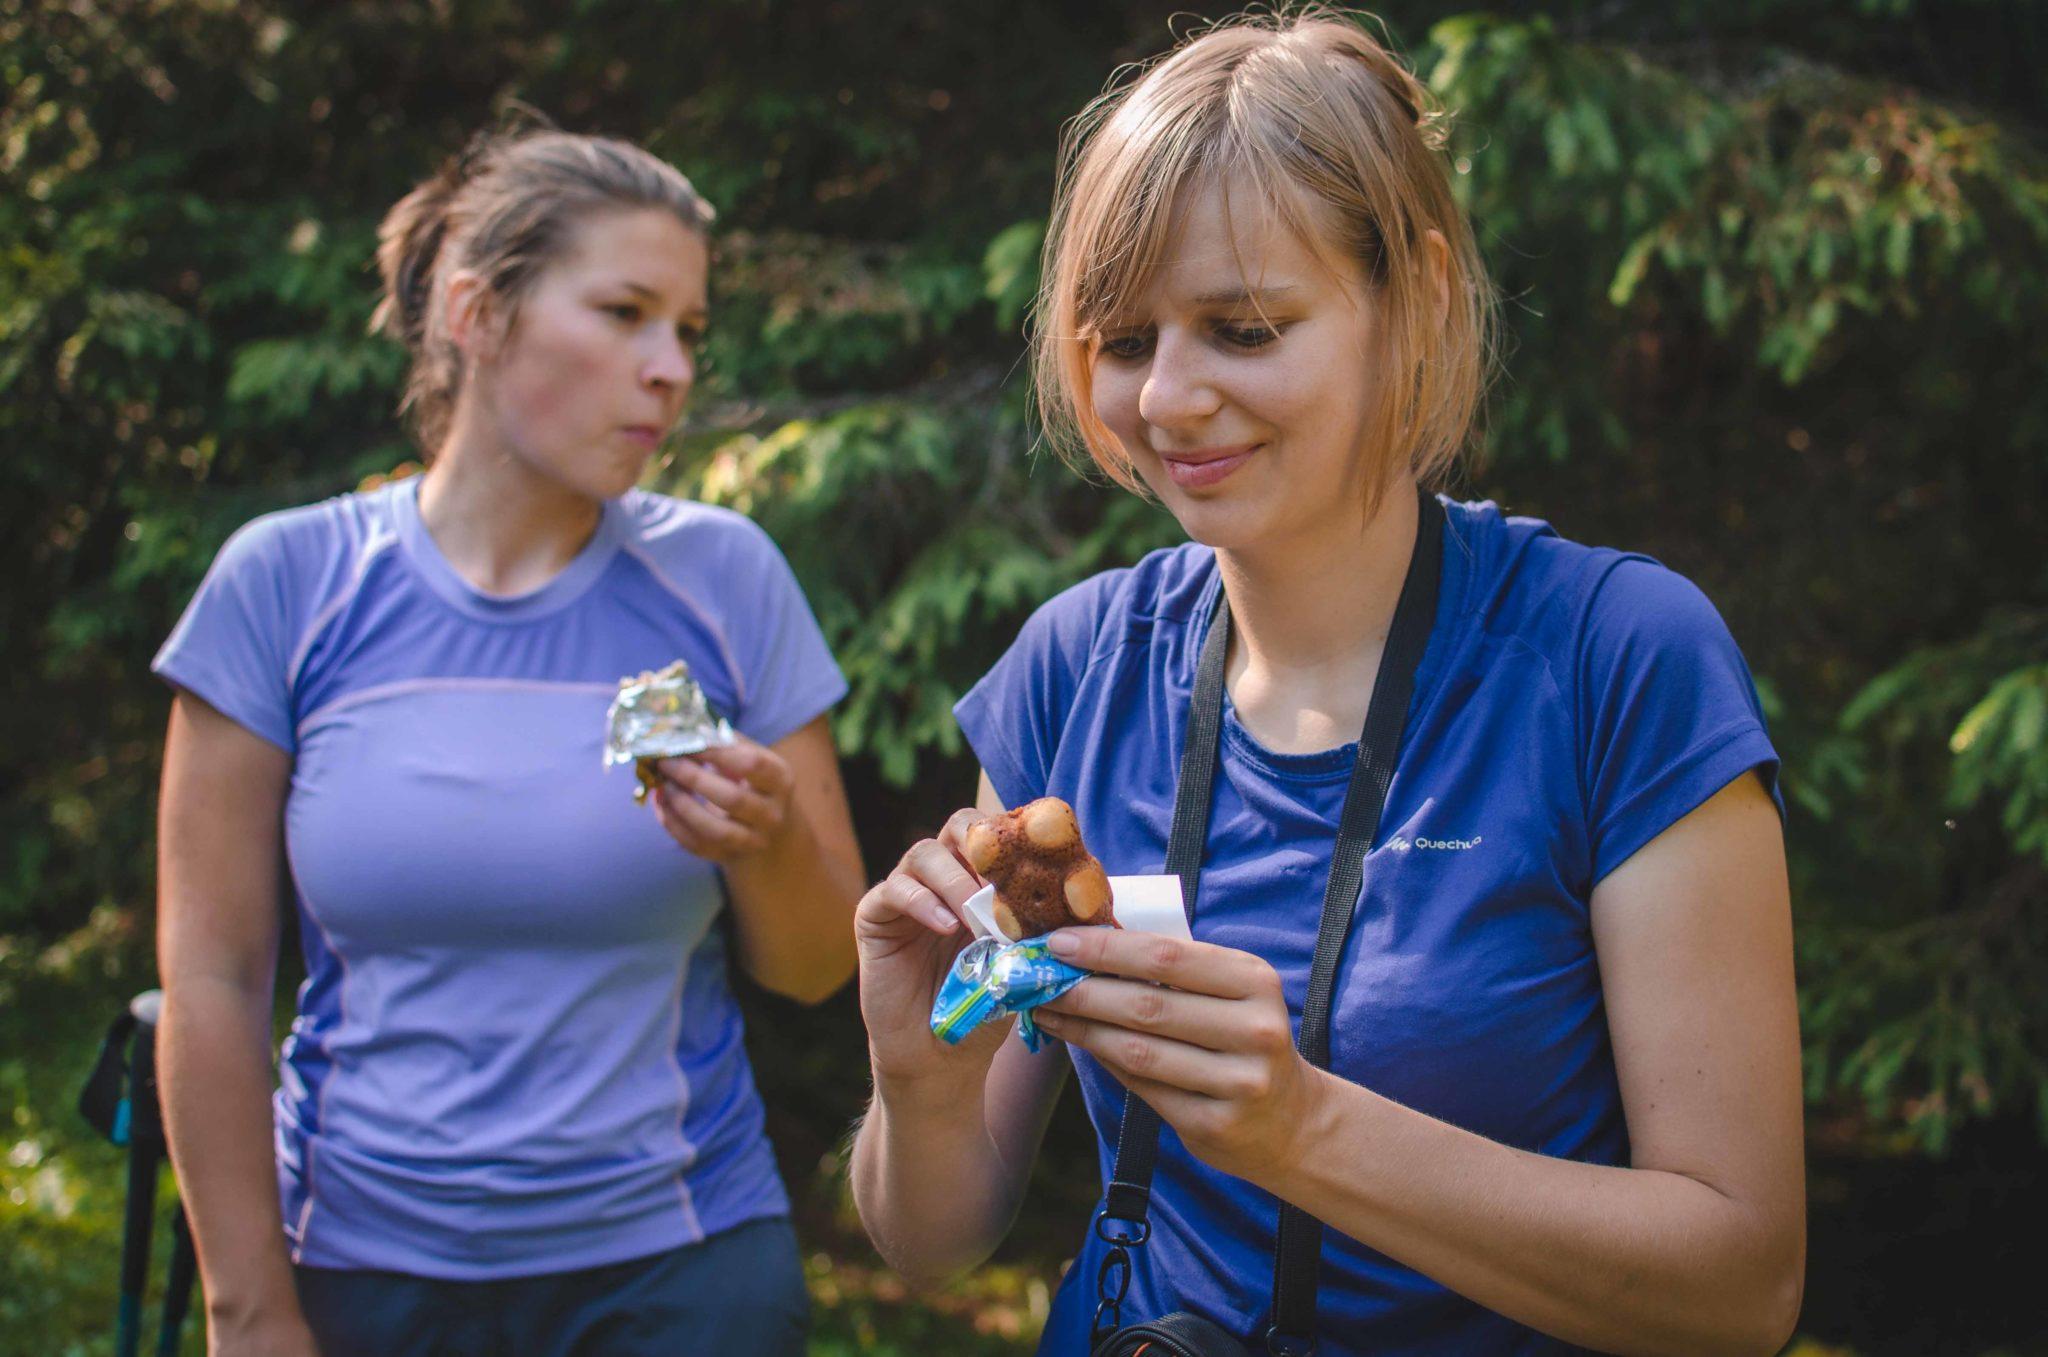 Dwie kobiety jedzą batoniki